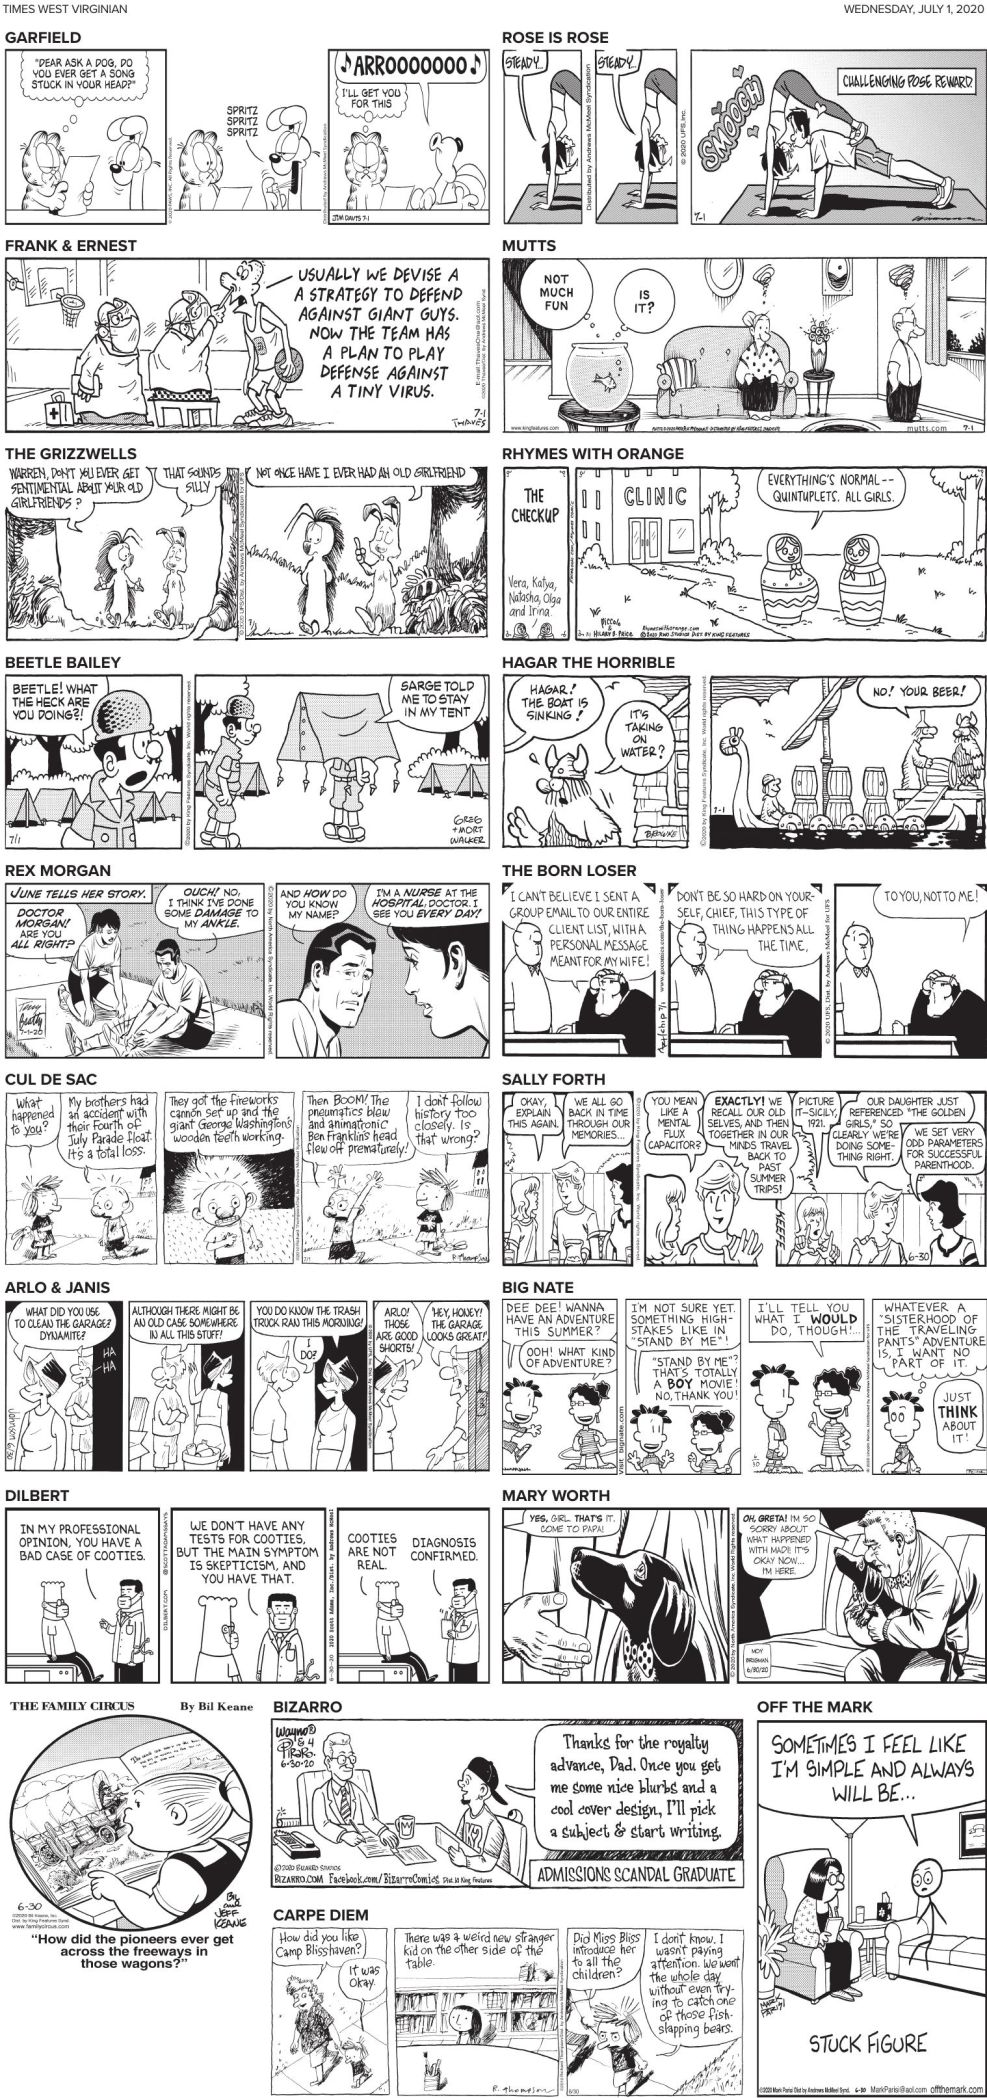 July 1 comics.pdf